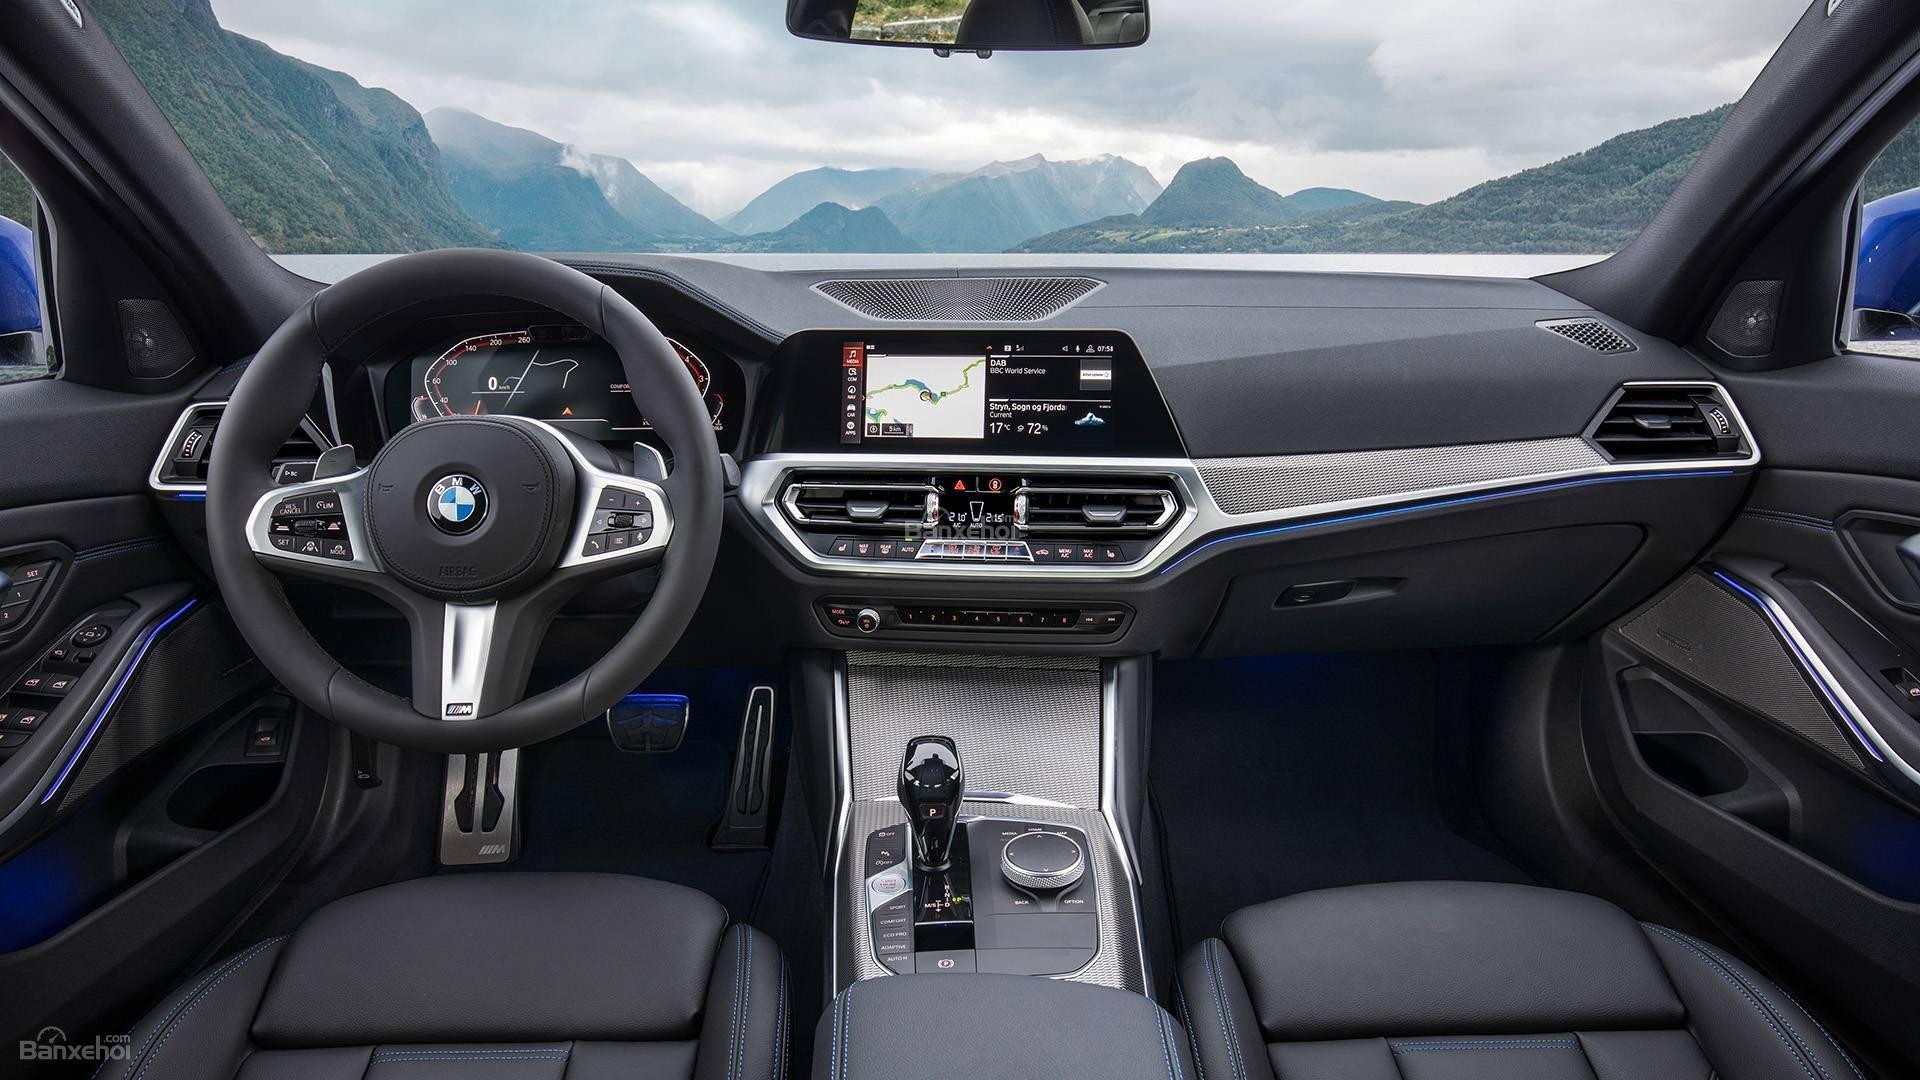 Đánh giá xe BMW 3-Series 2019 về bảng táp-lô.